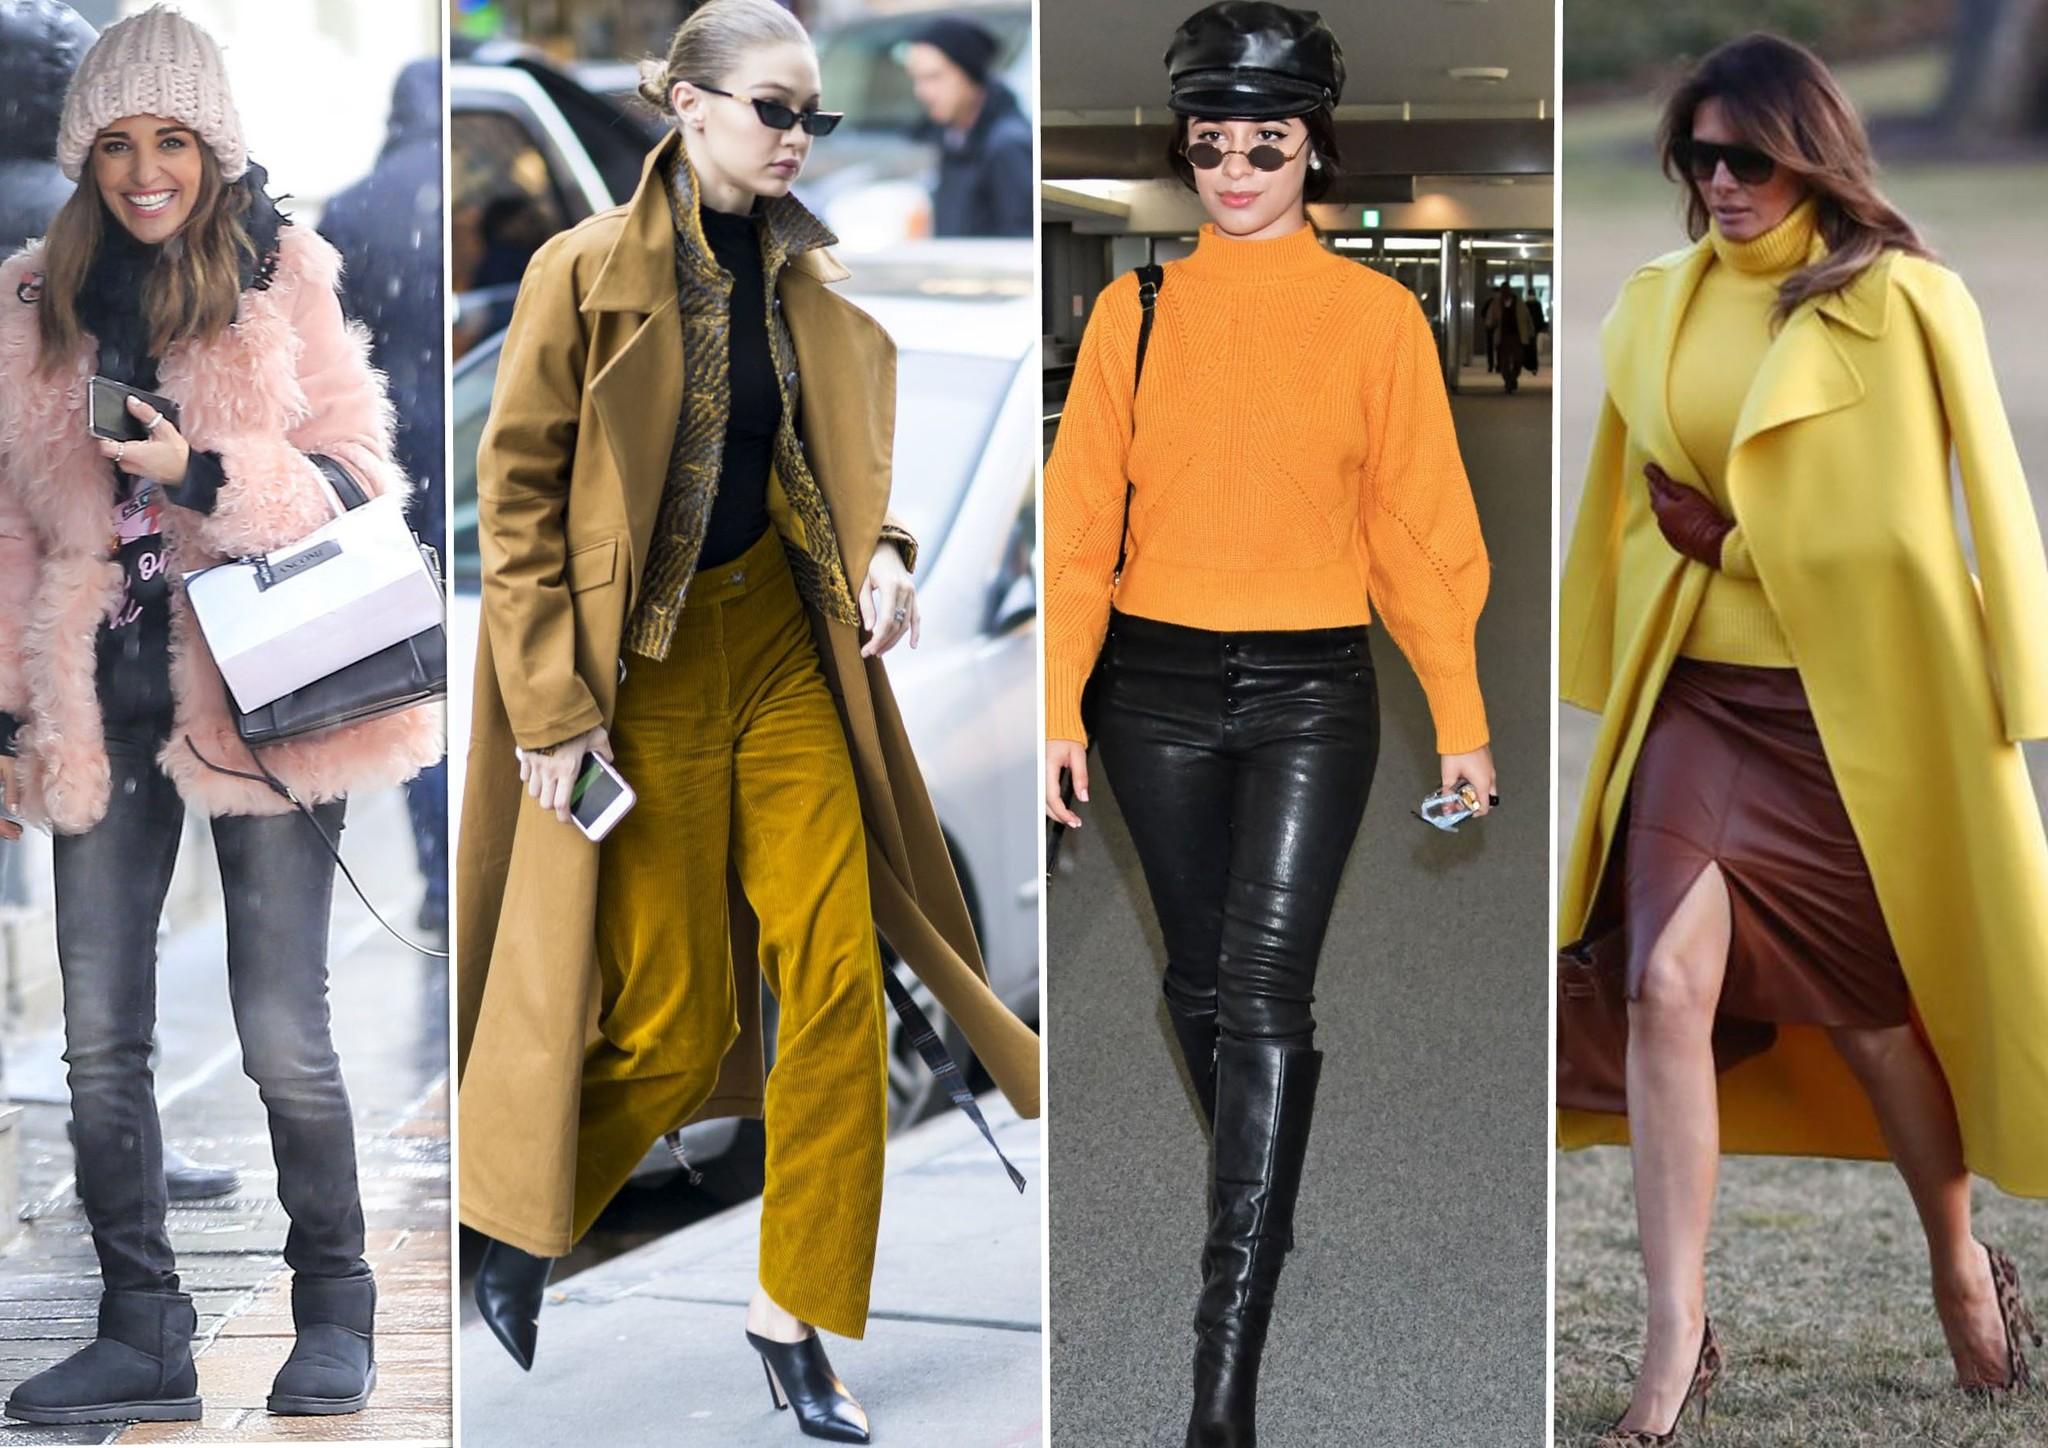 La semana en looks: Paula Echevarría, Gigi Hadid, Camila Cabello y...